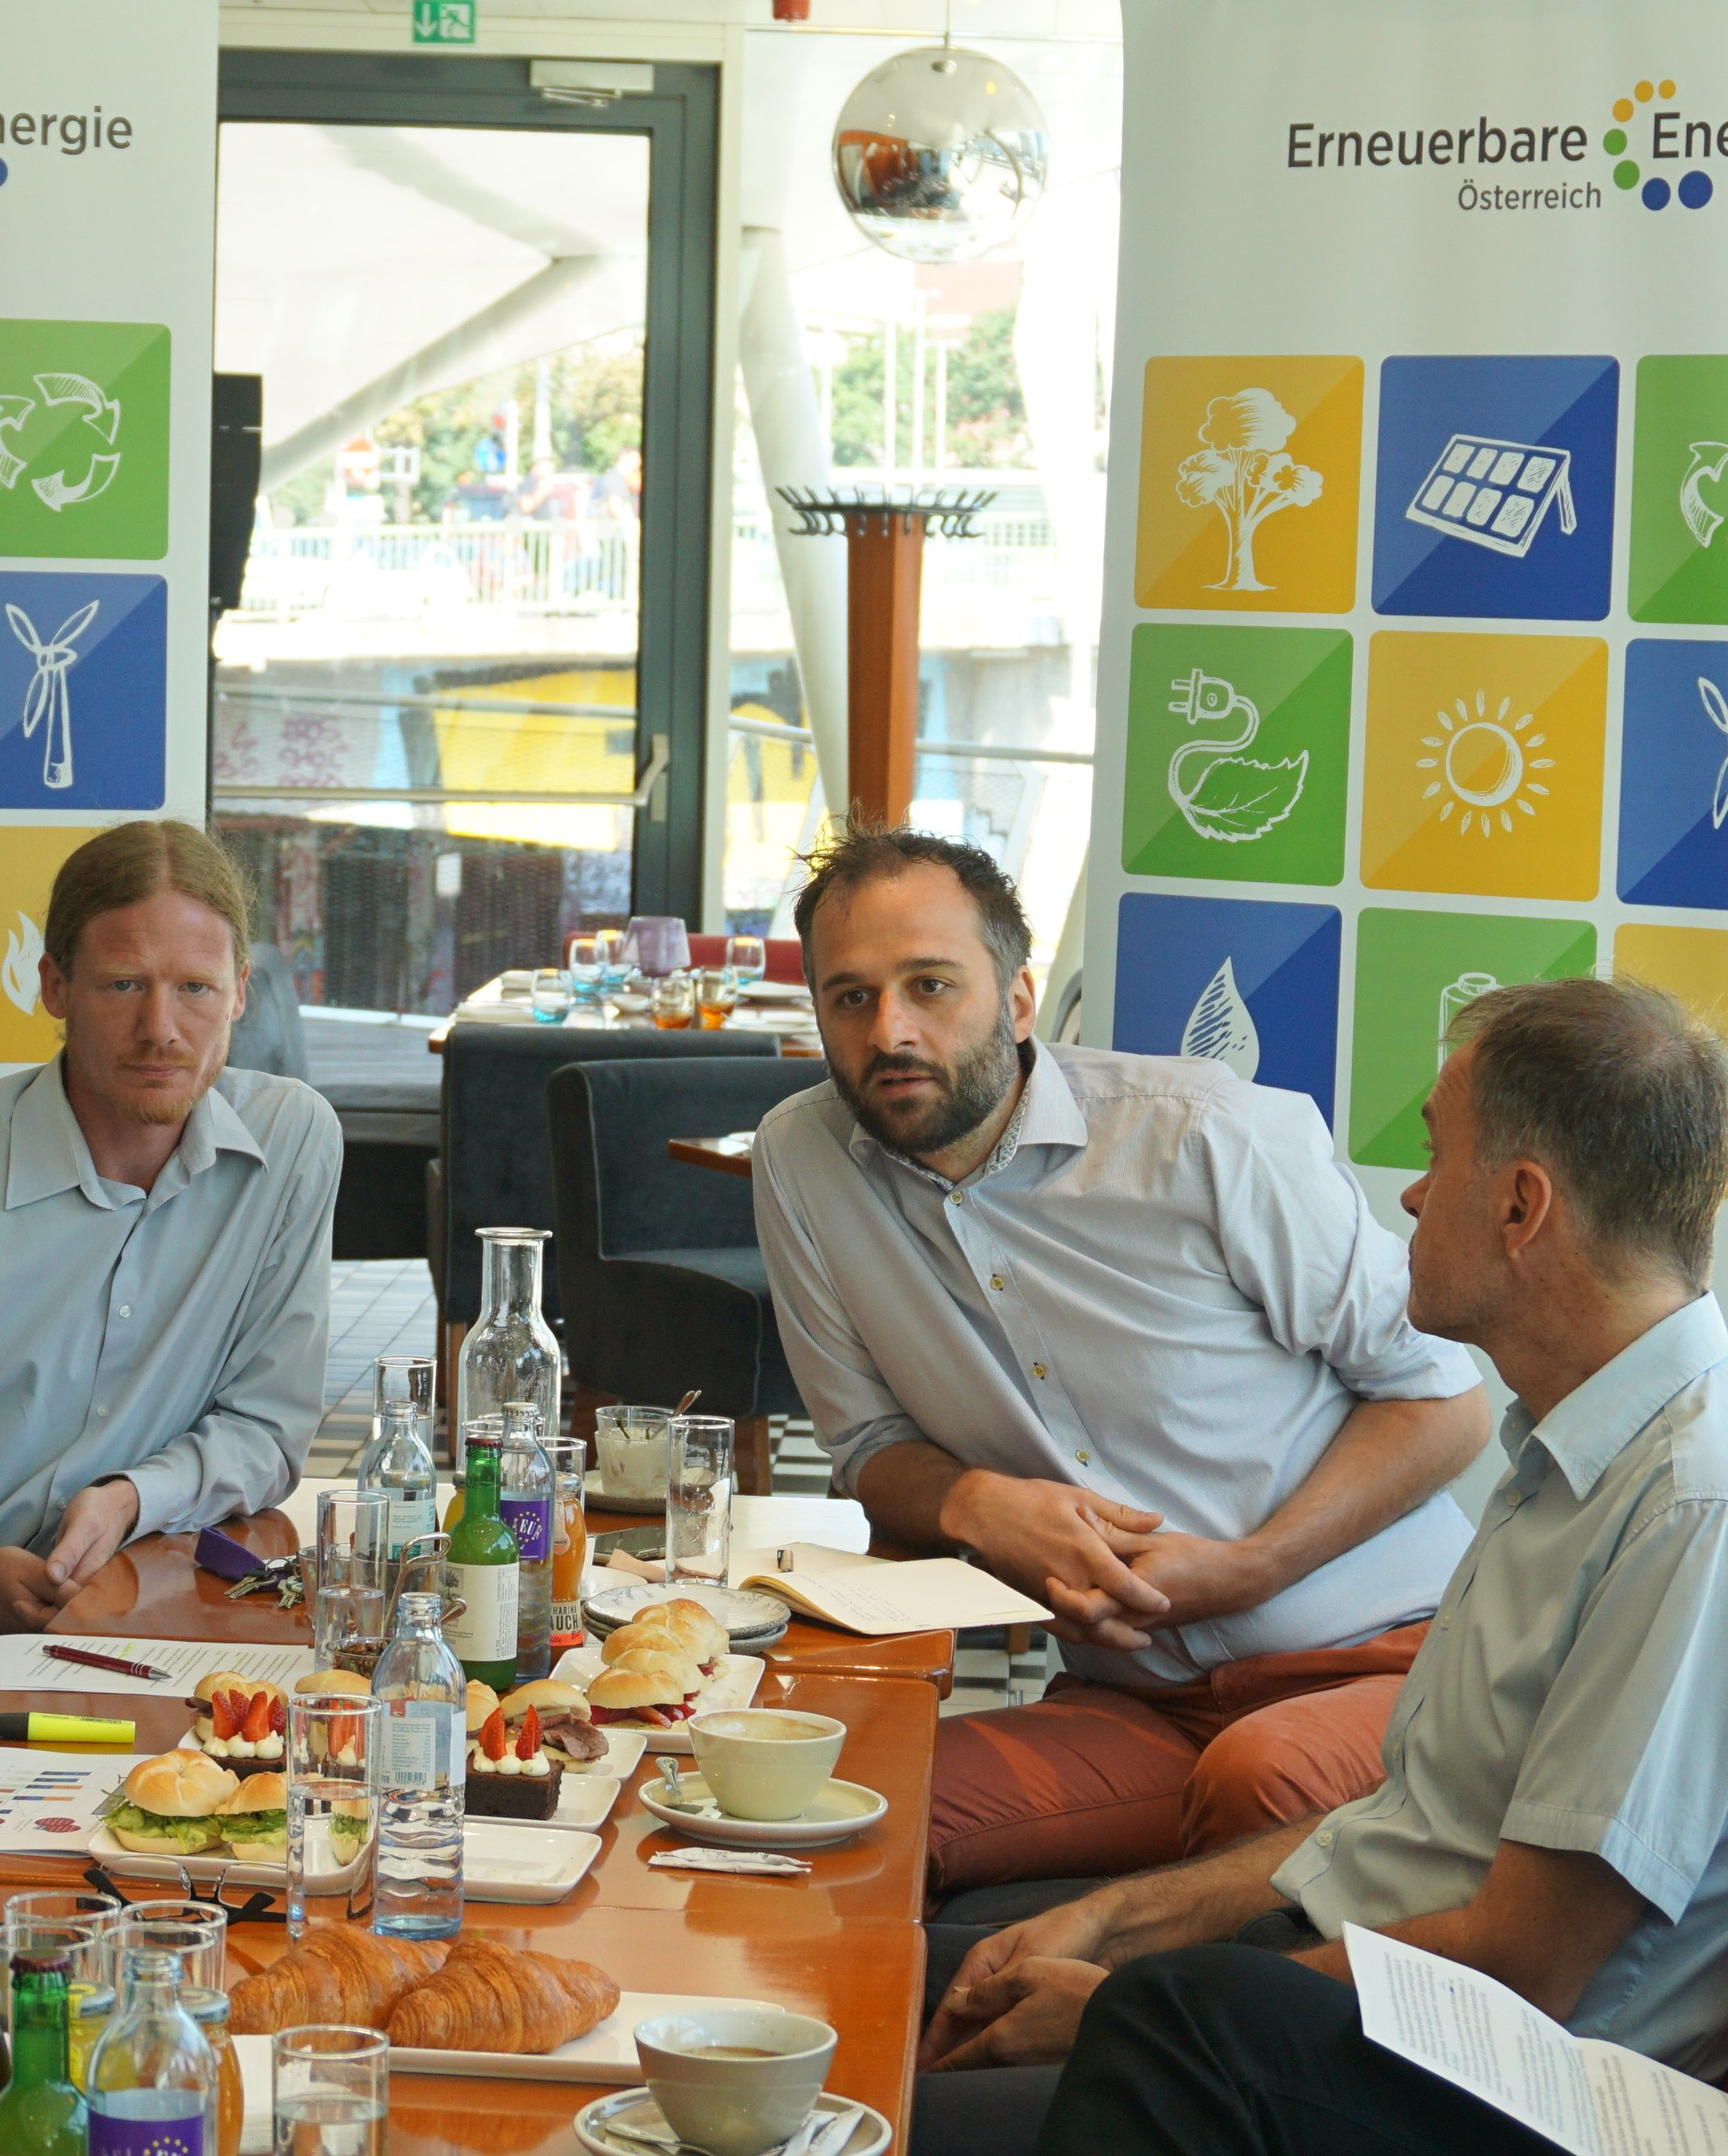 v.li.: Bernhard Stürmer (Kompost und Biogas Verband), Florian Maringer (Erneuerbare Energie Österreich) und Roger Hackstock (Austria Solar)